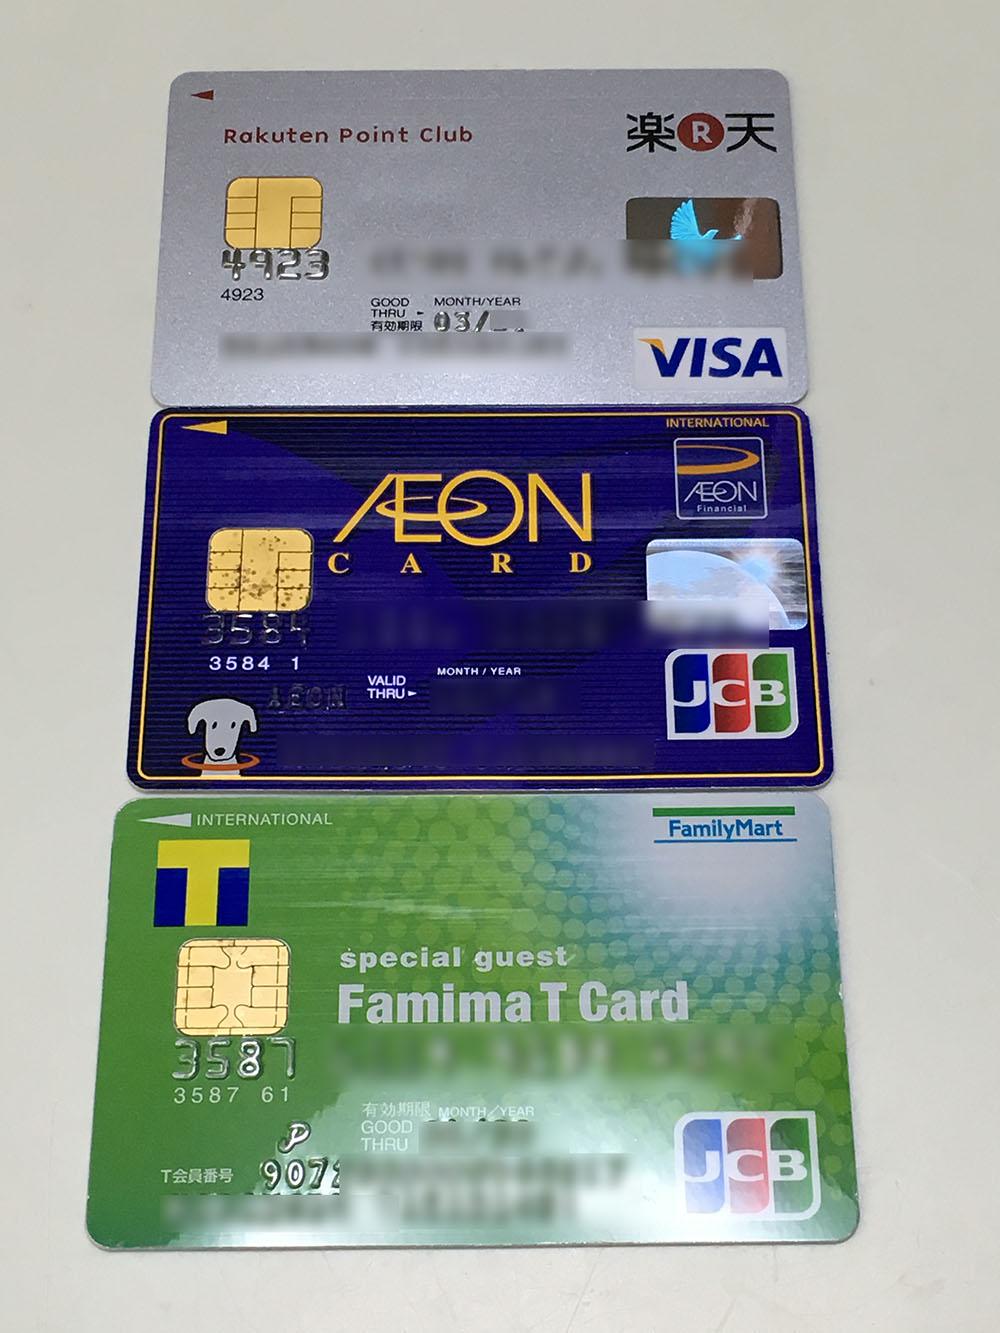 石垣で快適に生活するためのクレジットカード